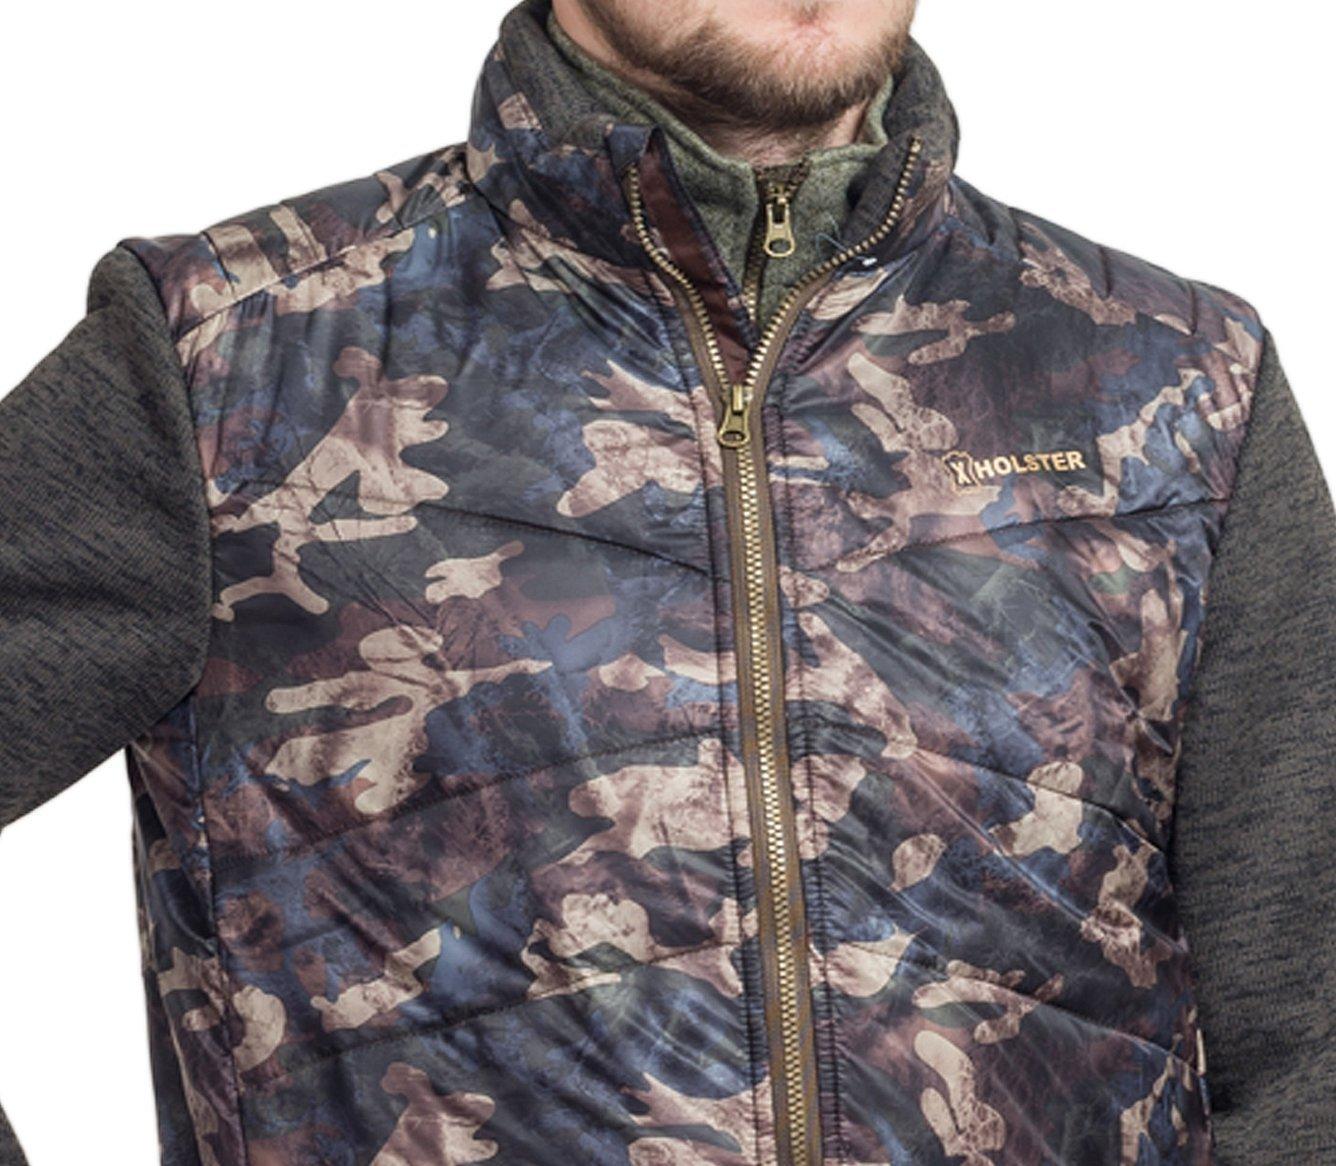 Камуфляжная куртка на молнии для охоты